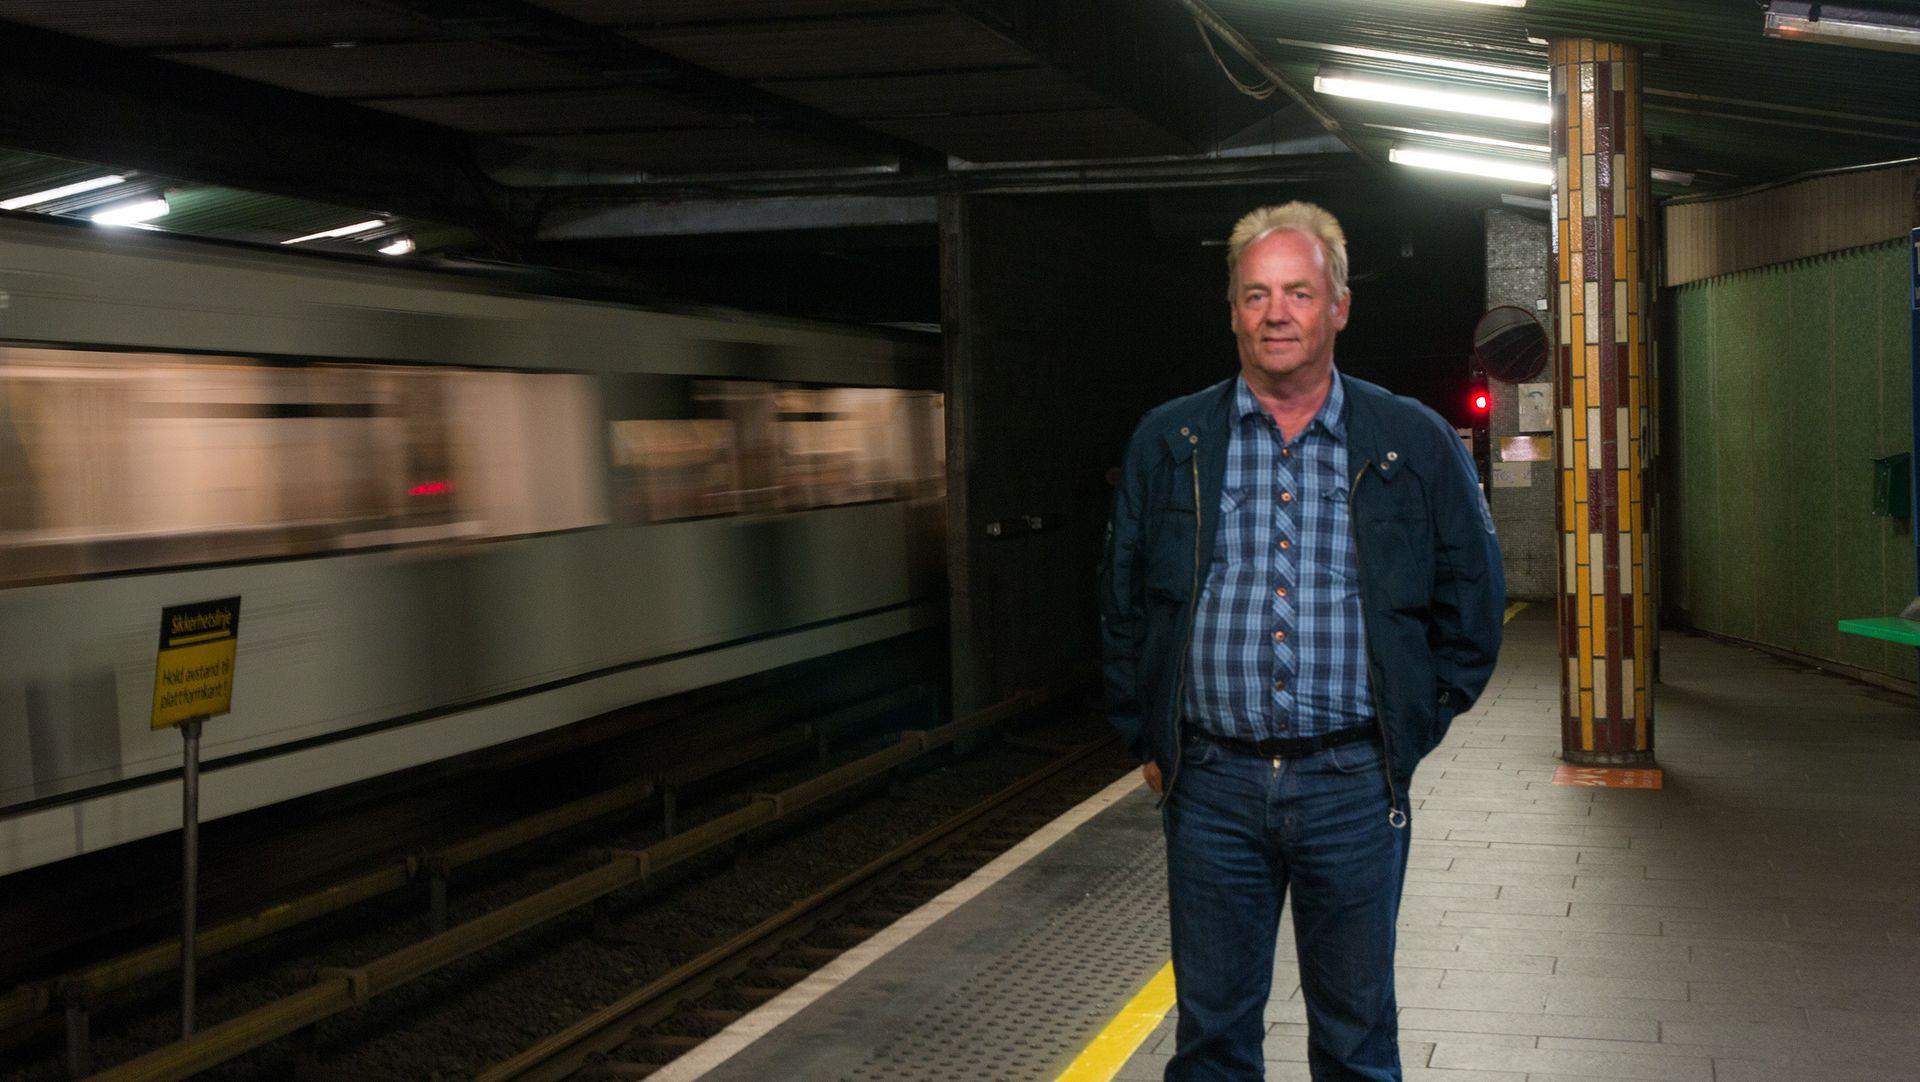 ANNONSE: I 25 år har Per-Arne vært med på å definere Oslos kollektivtransport